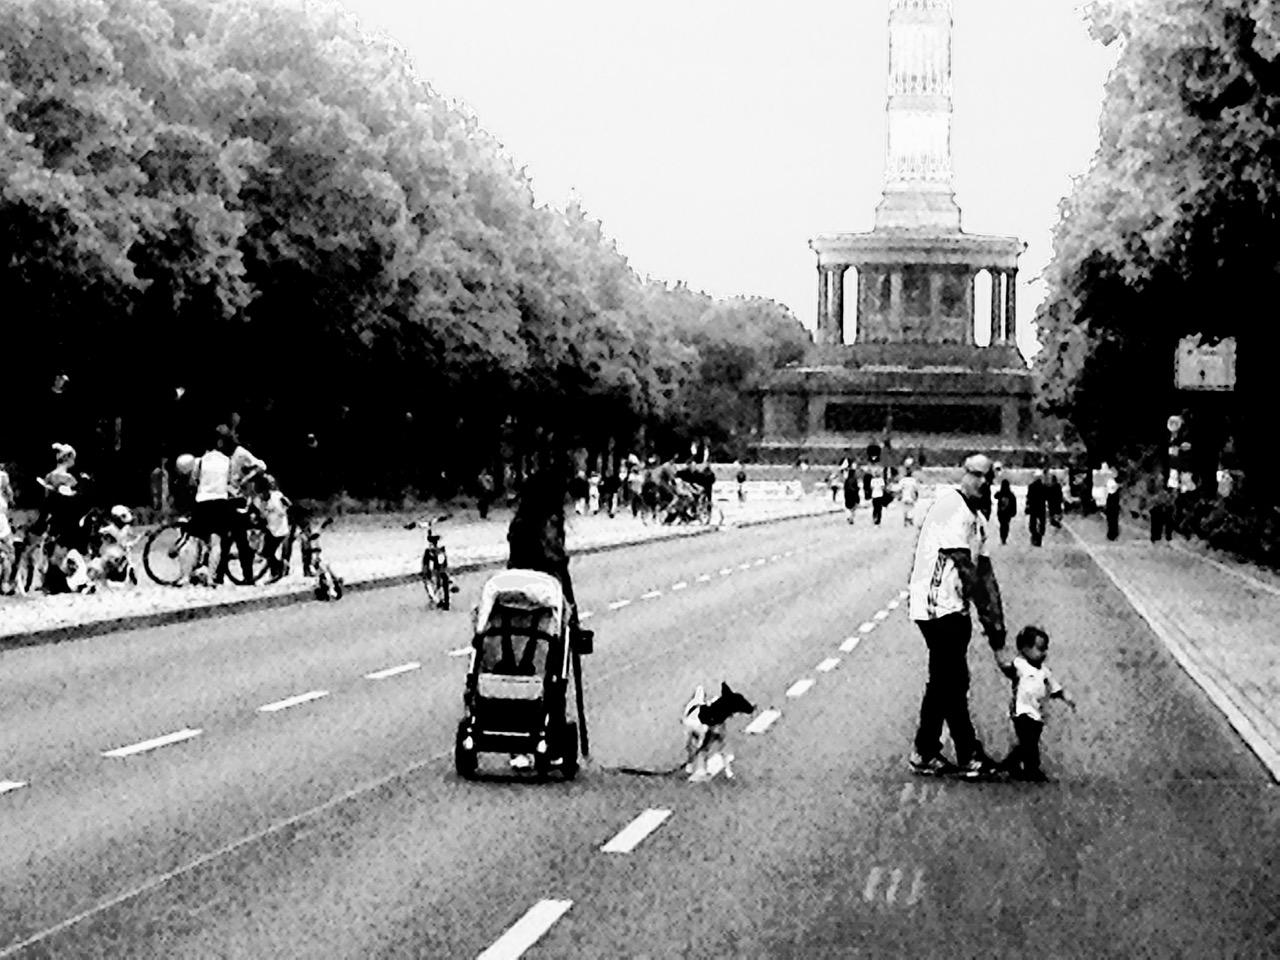 Berlins zweite Begegnungszone - die Straße des 17. Juni. Da geht noch was (Foto: André Franke)